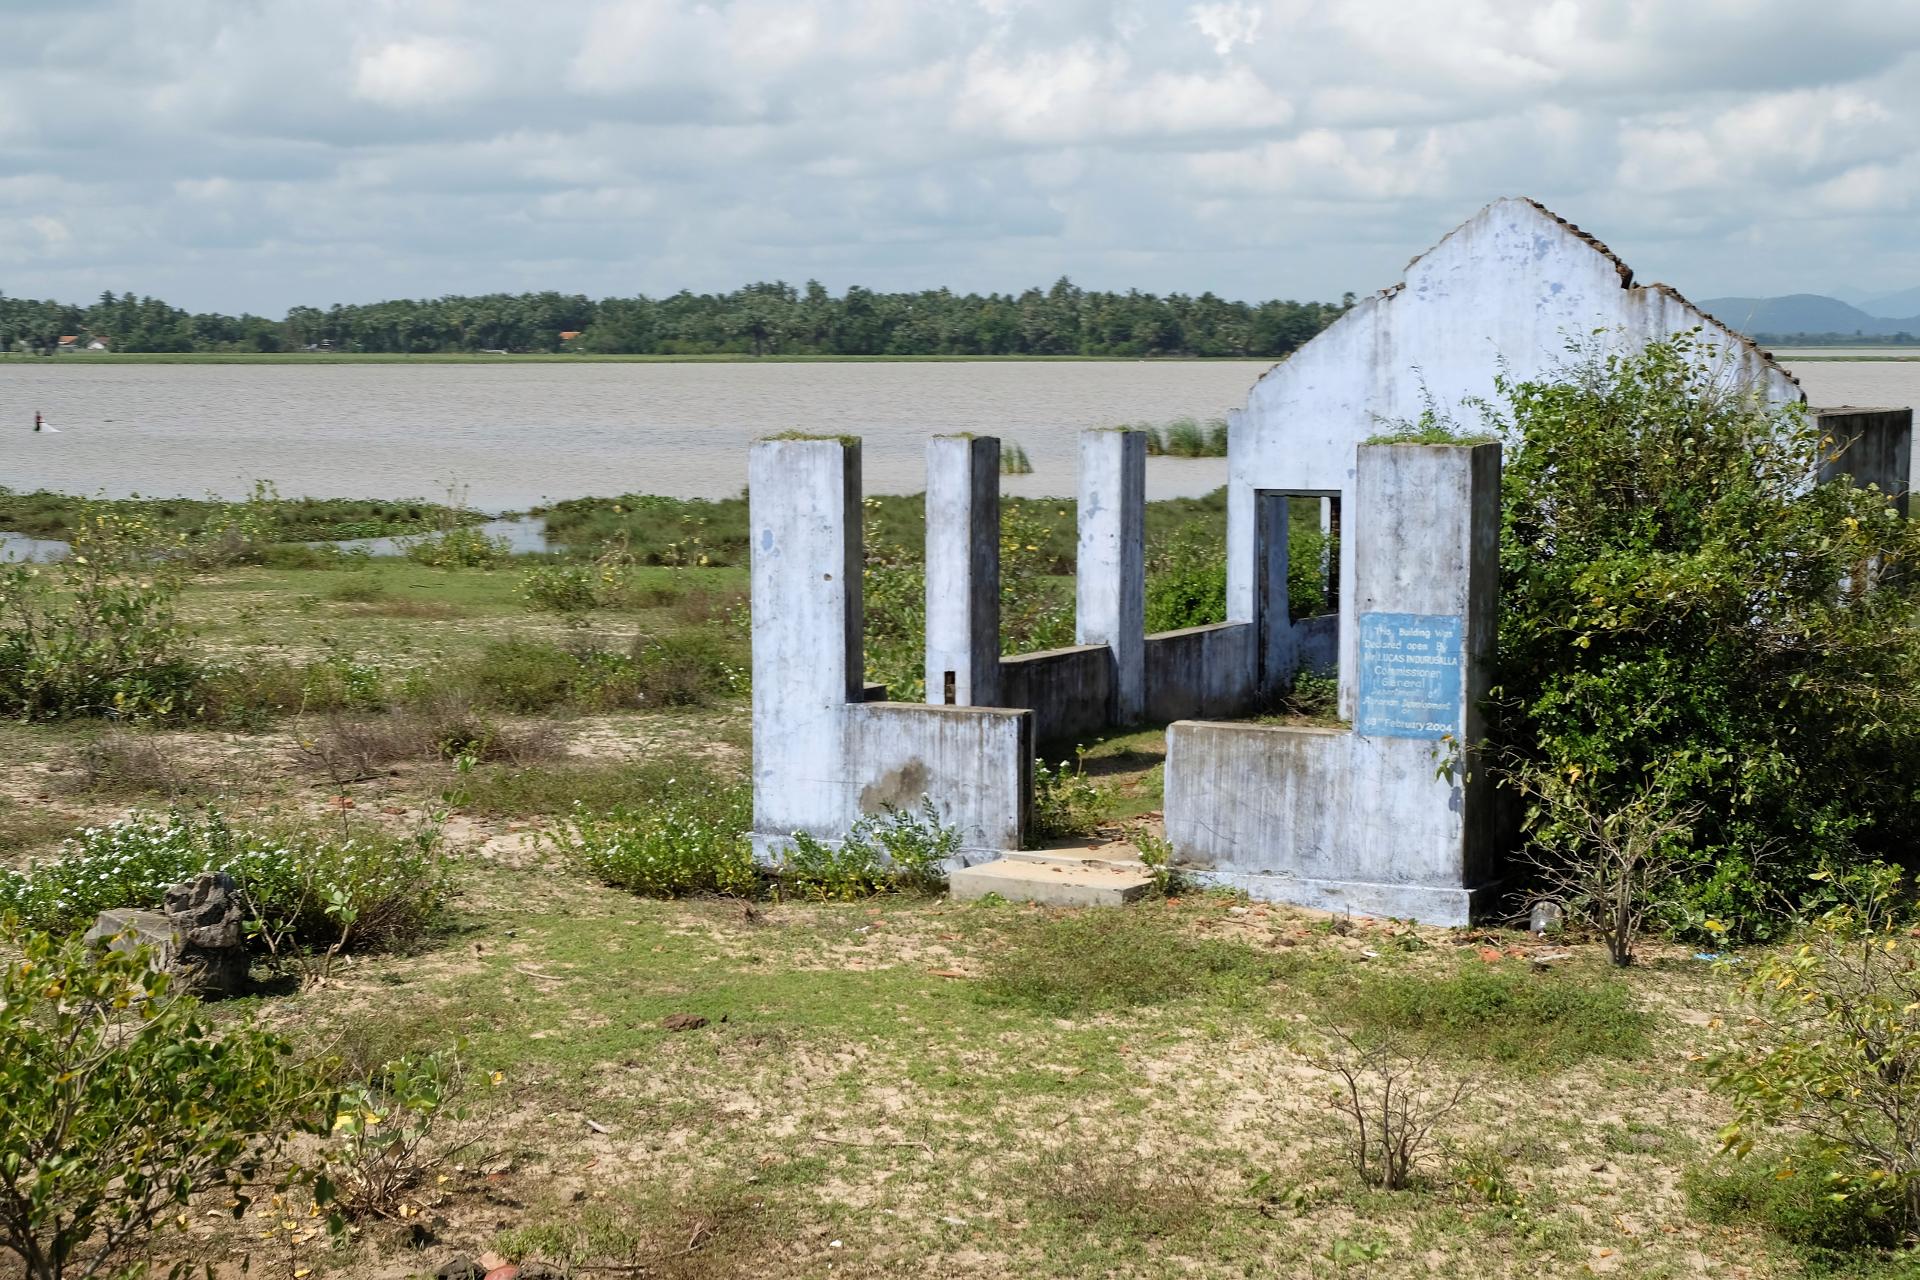 Ett hus i östra Sri Lanka som fortfarande bär spår av kriget. I lagunen bedrivs fiske. Foto: Johan Mikaelsson